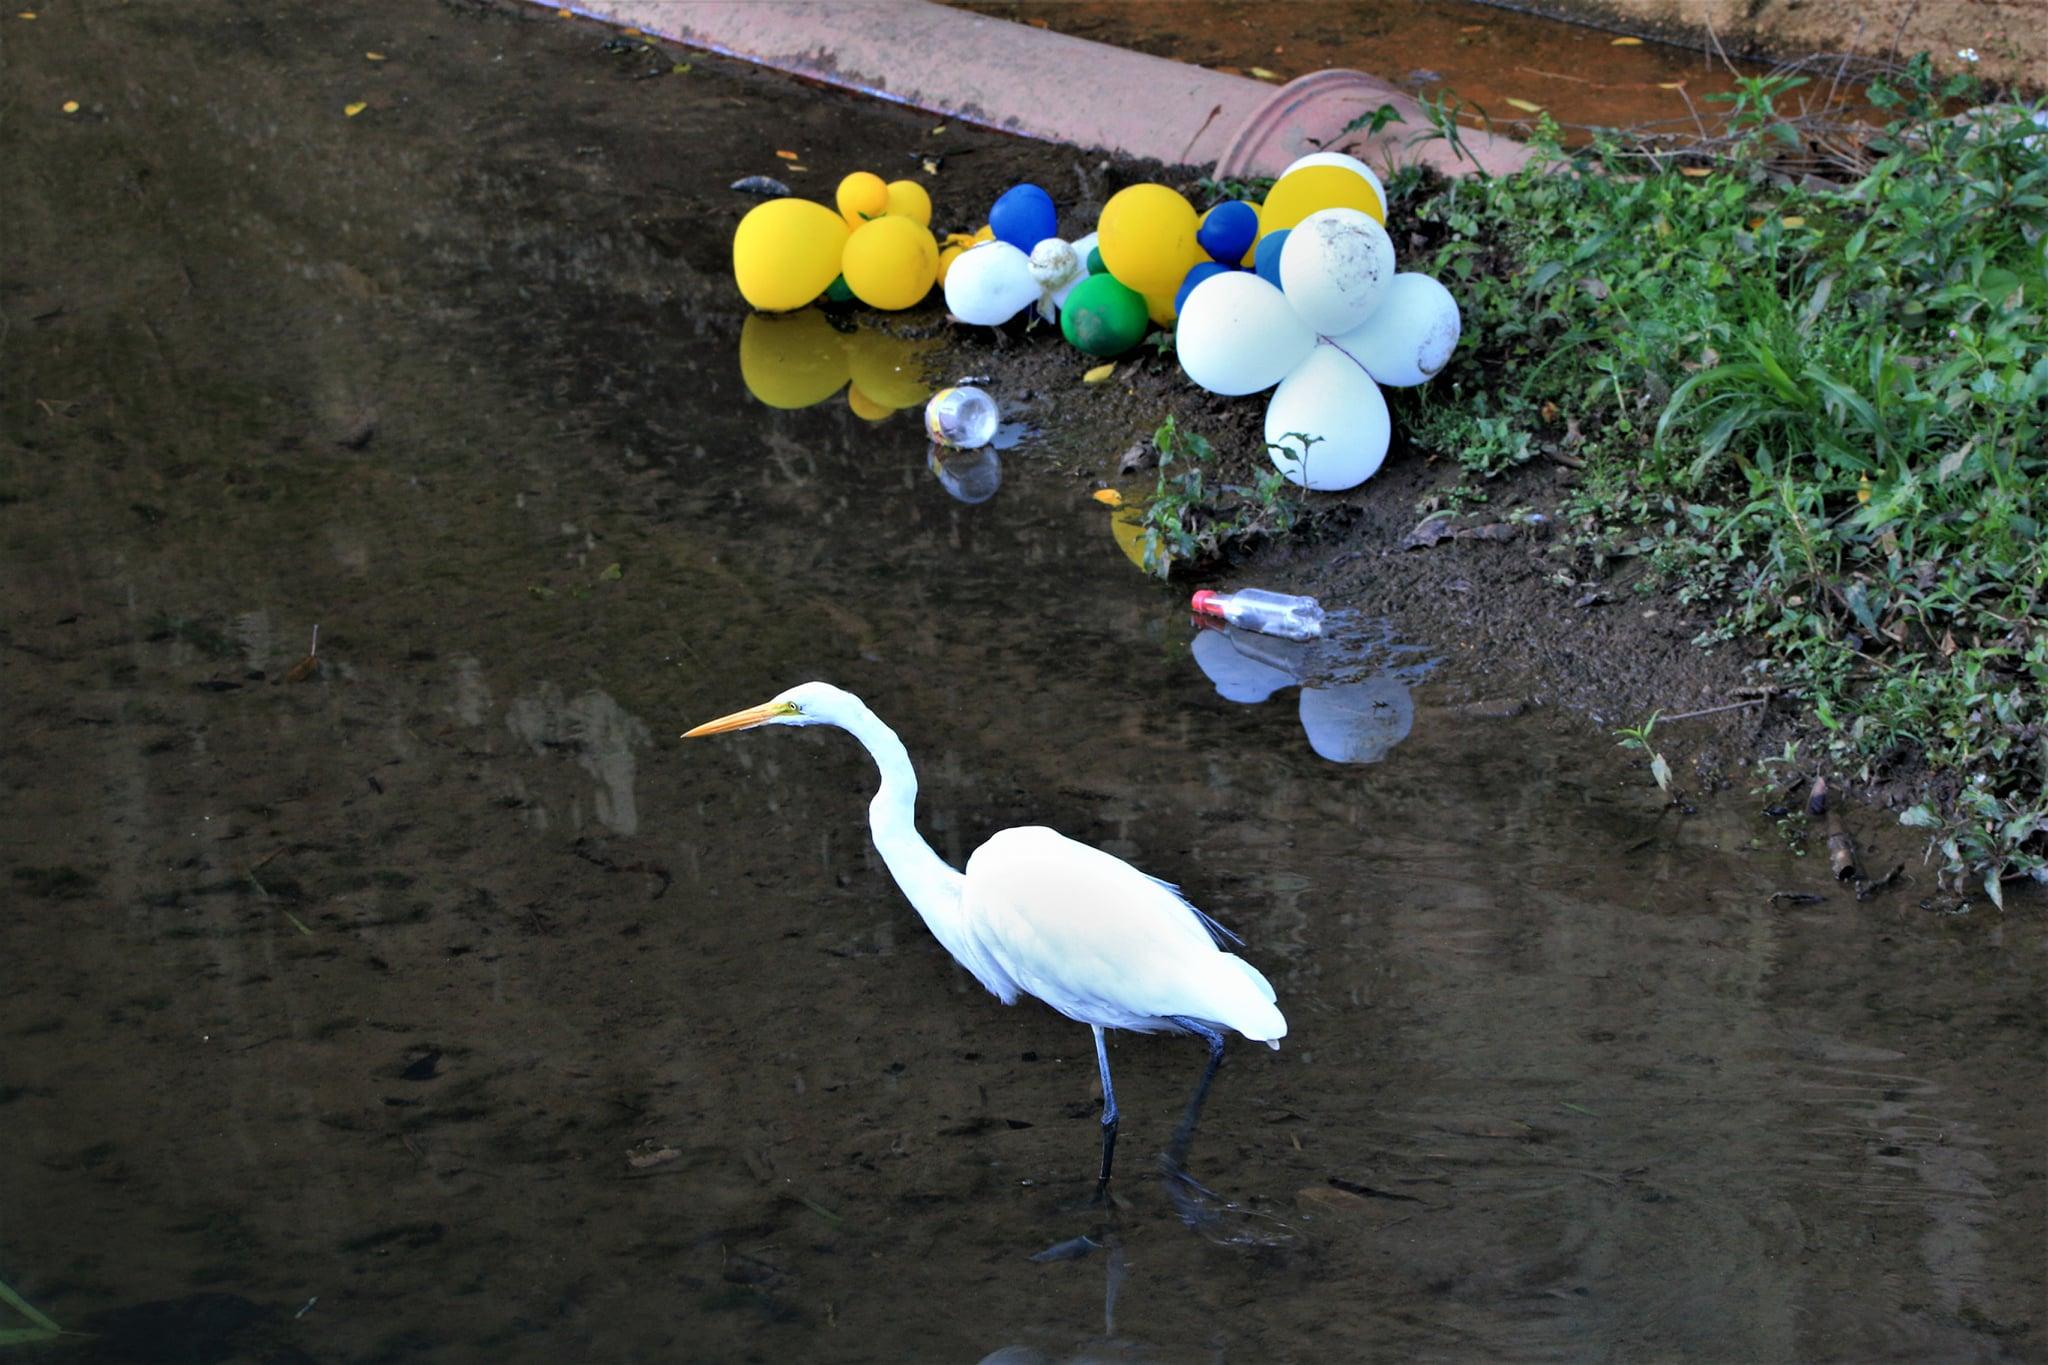 Friburgo: Natureza divide espaço com lixo jogado por pessoas no Rio Bengalas